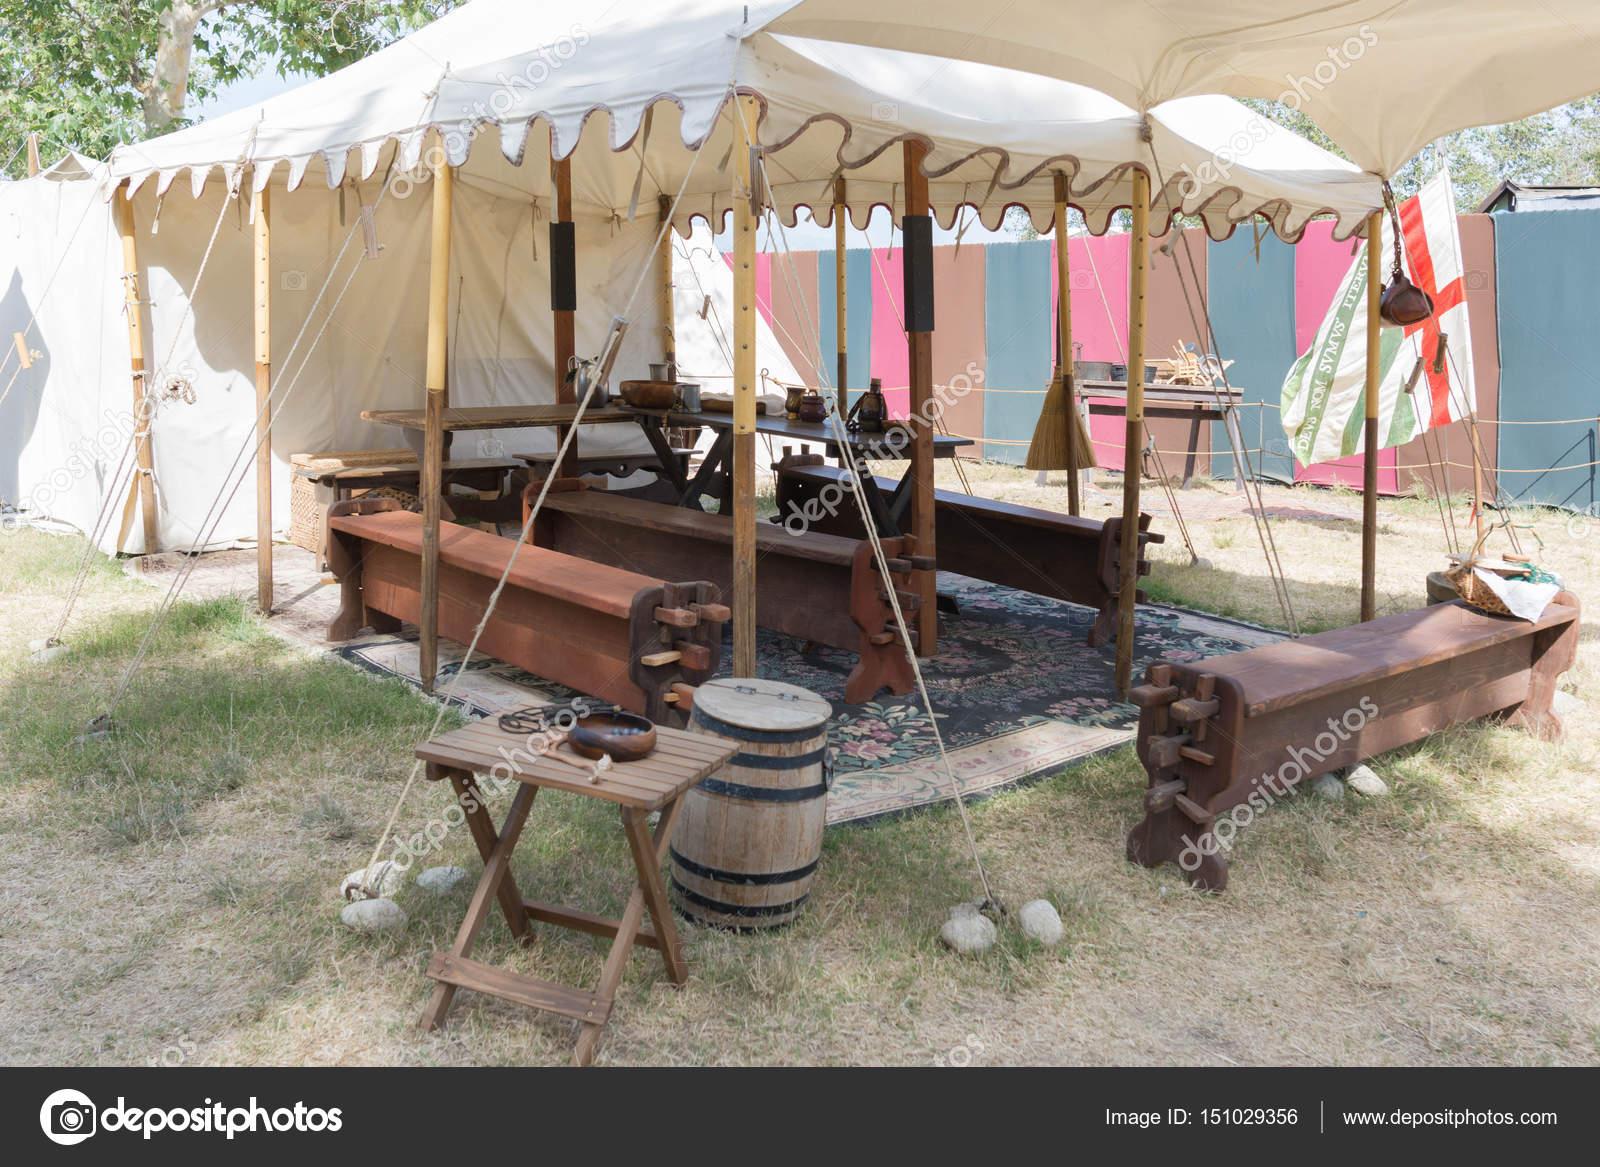 Celtic tent during the Renaissance Pleasure Faire. u2014 Stock Photo & Celtic tent during the Renaissance Pleasure Faire. u2013 Stock ...